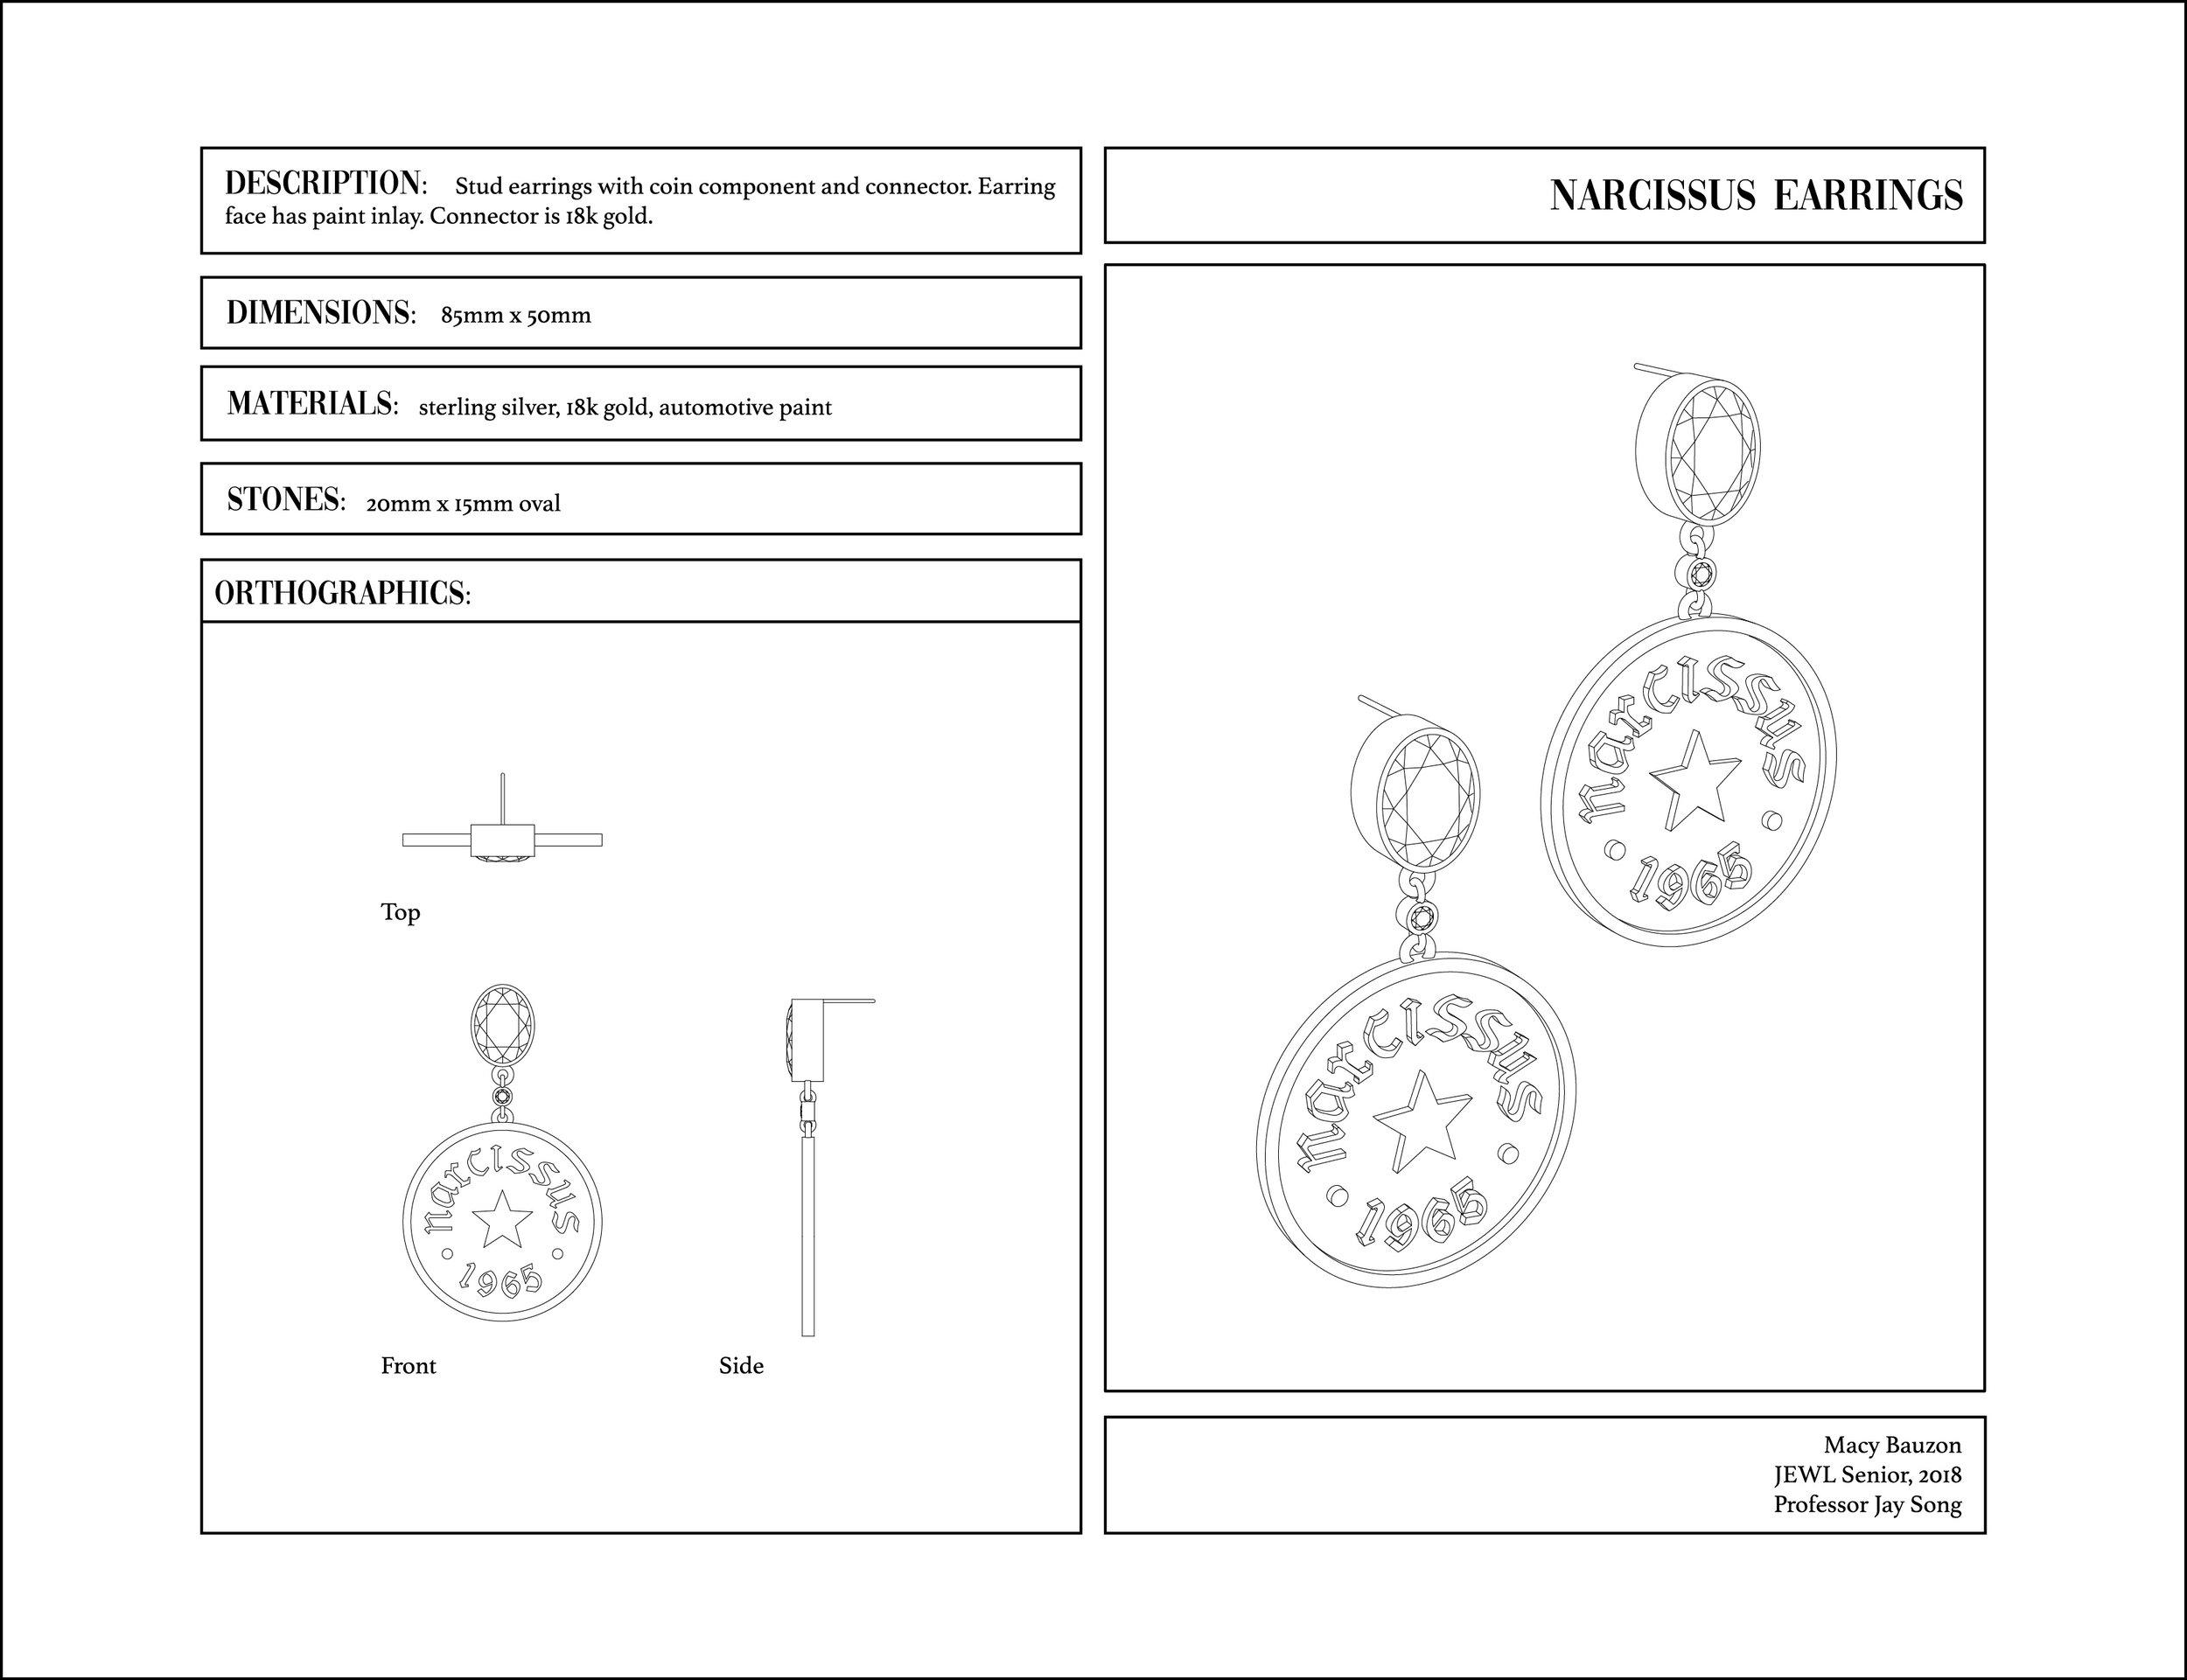 Narcissus Earrings Spec.jpg